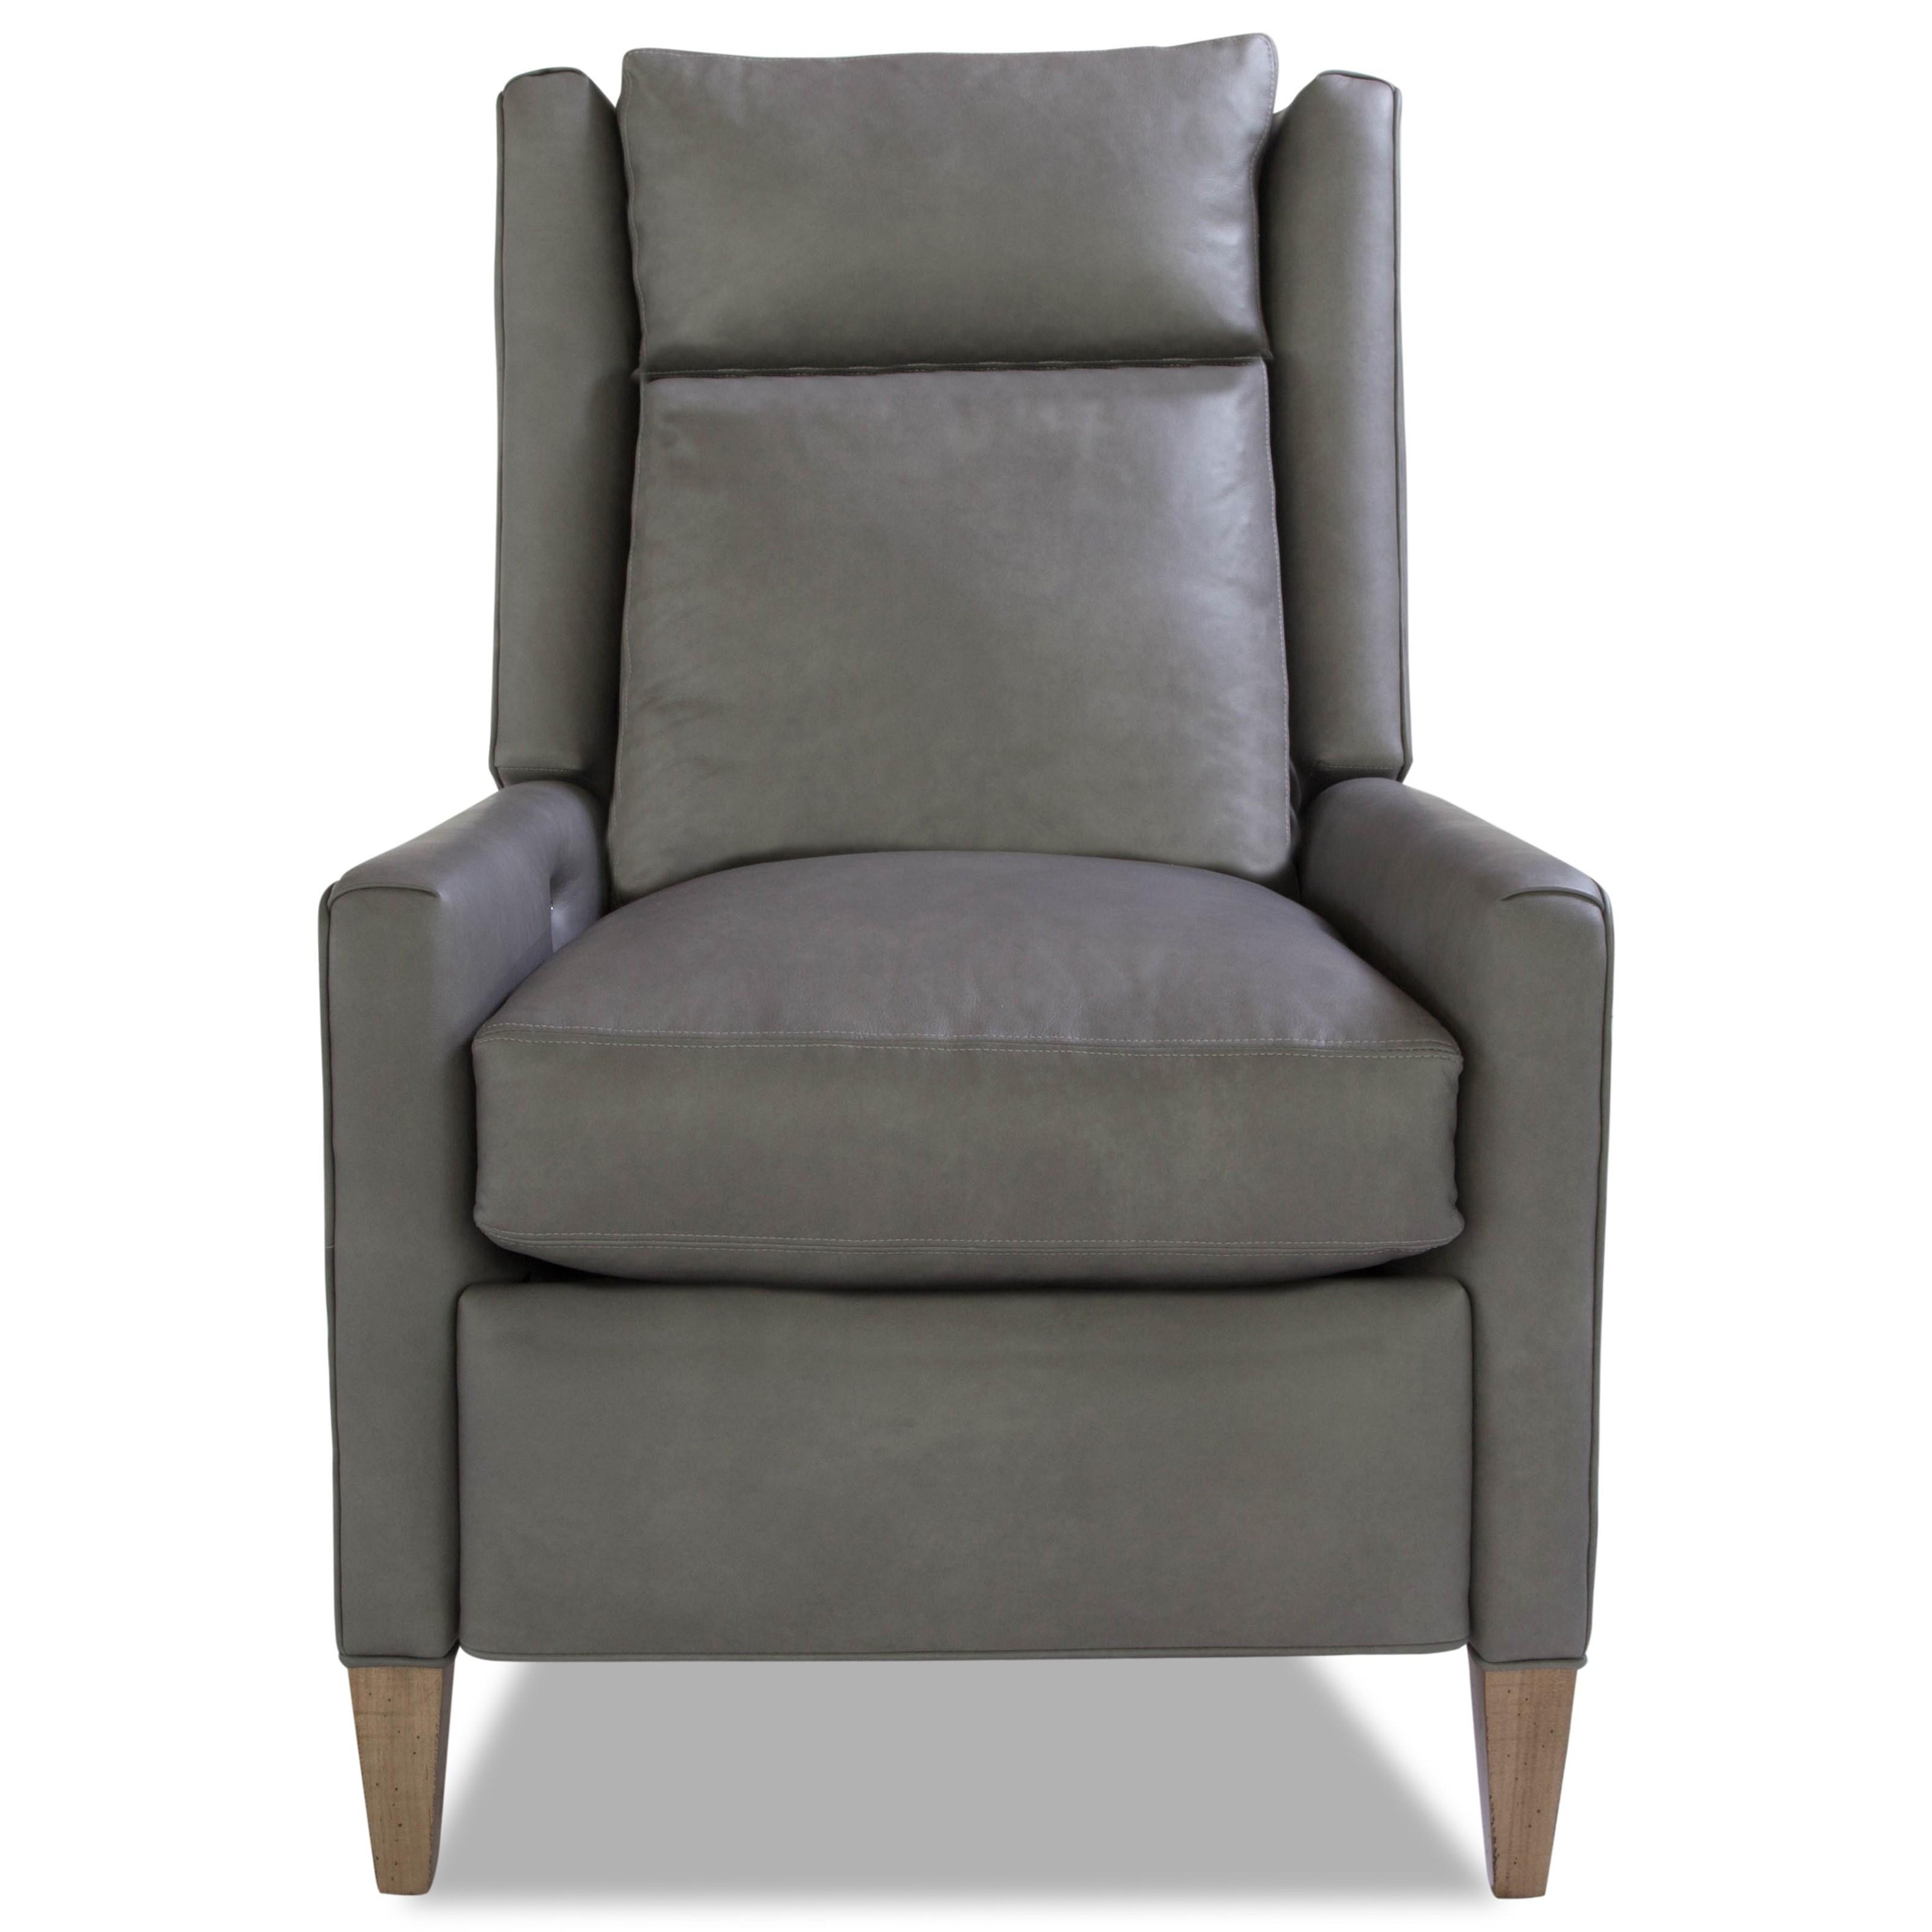 8113 High Leg Power Recliner by Geoffrey Alexander at Sprintz Furniture